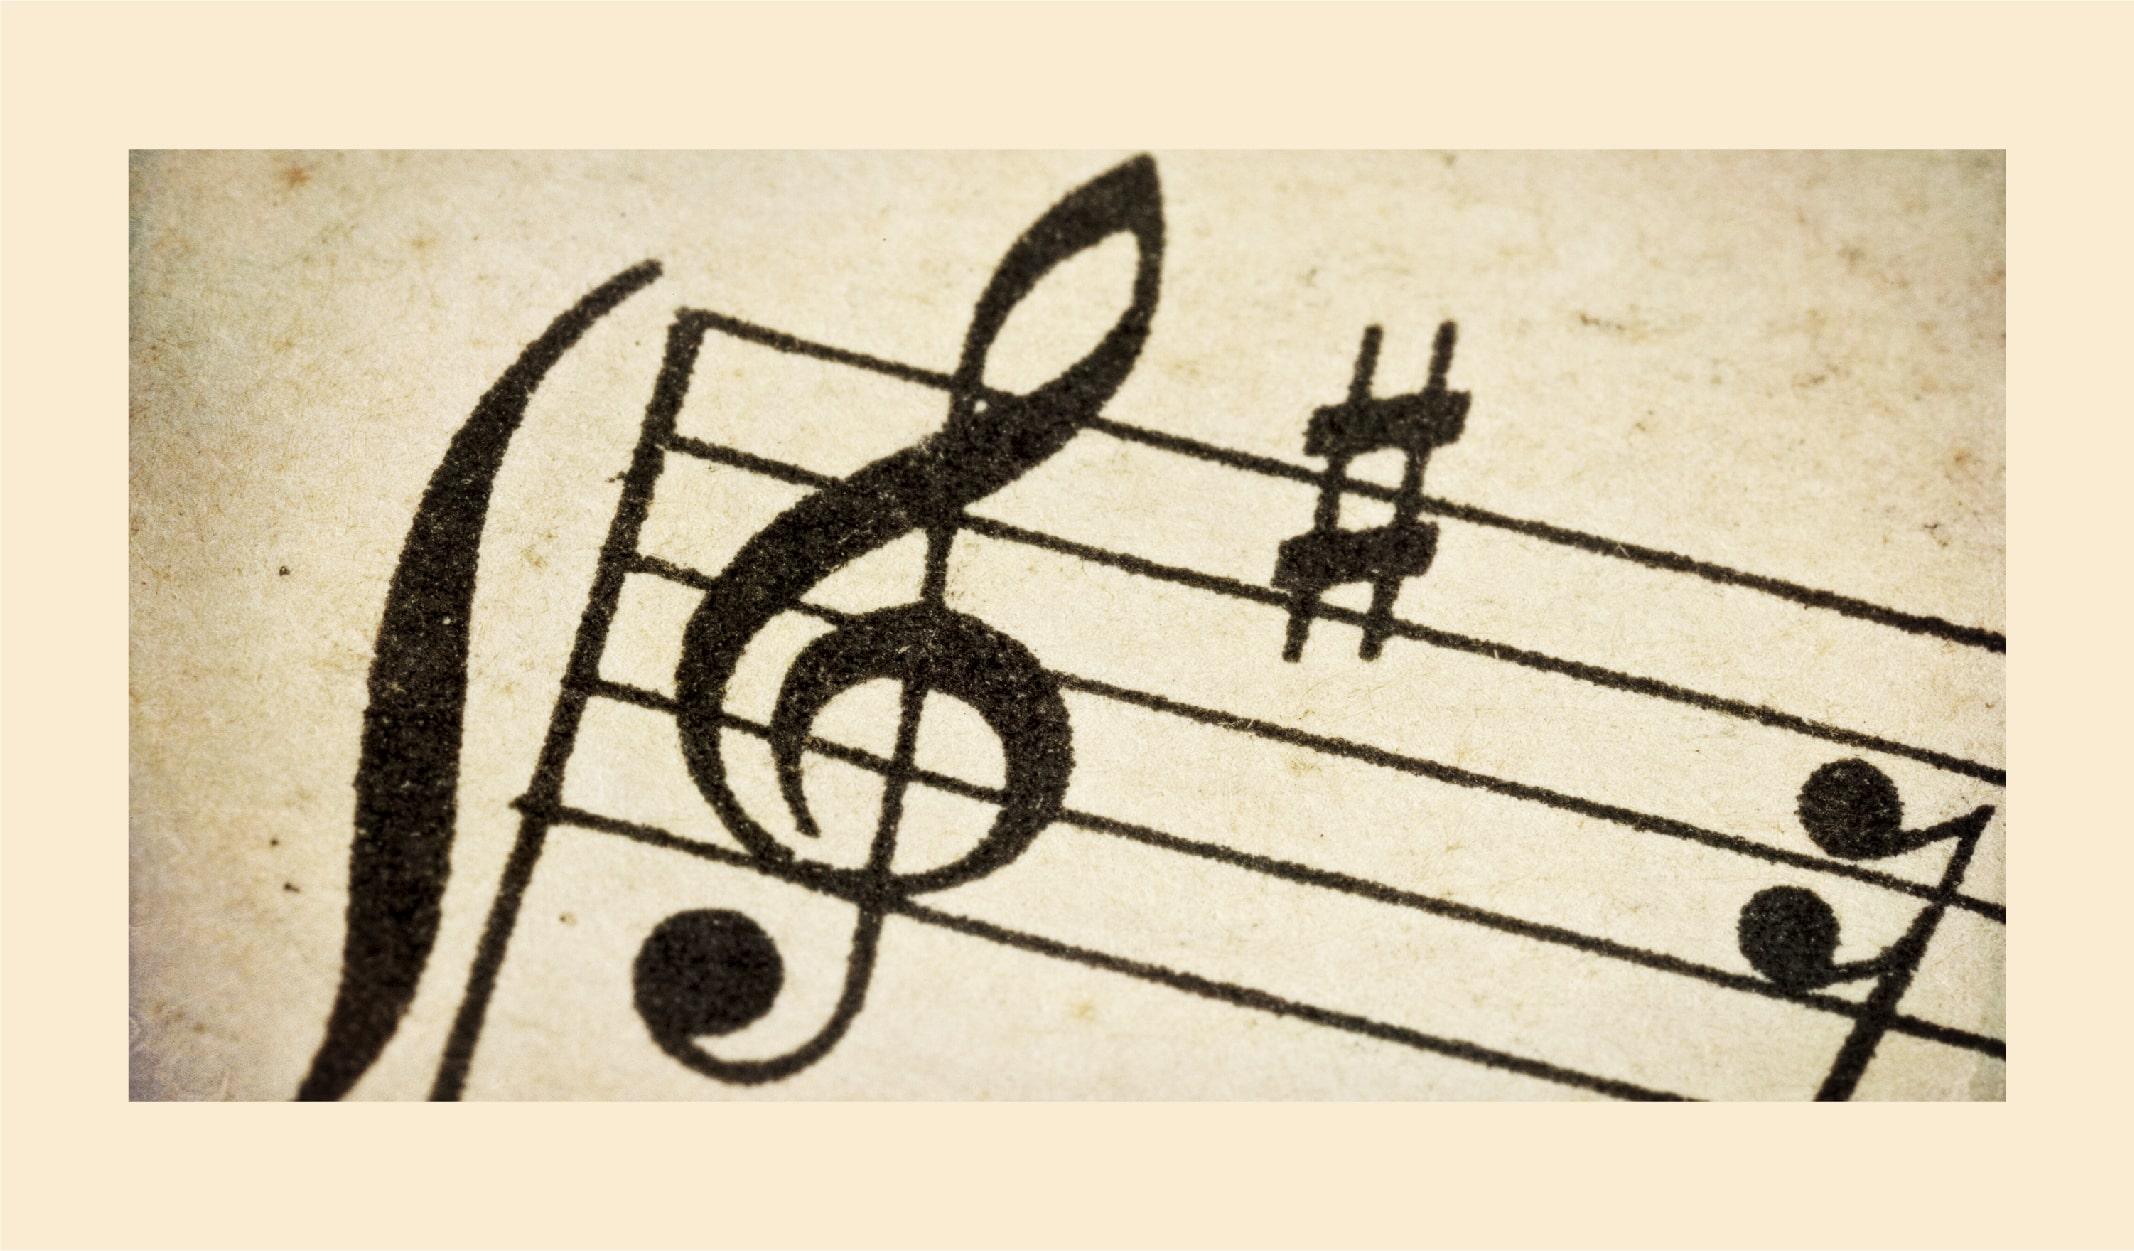 notaların anlamları